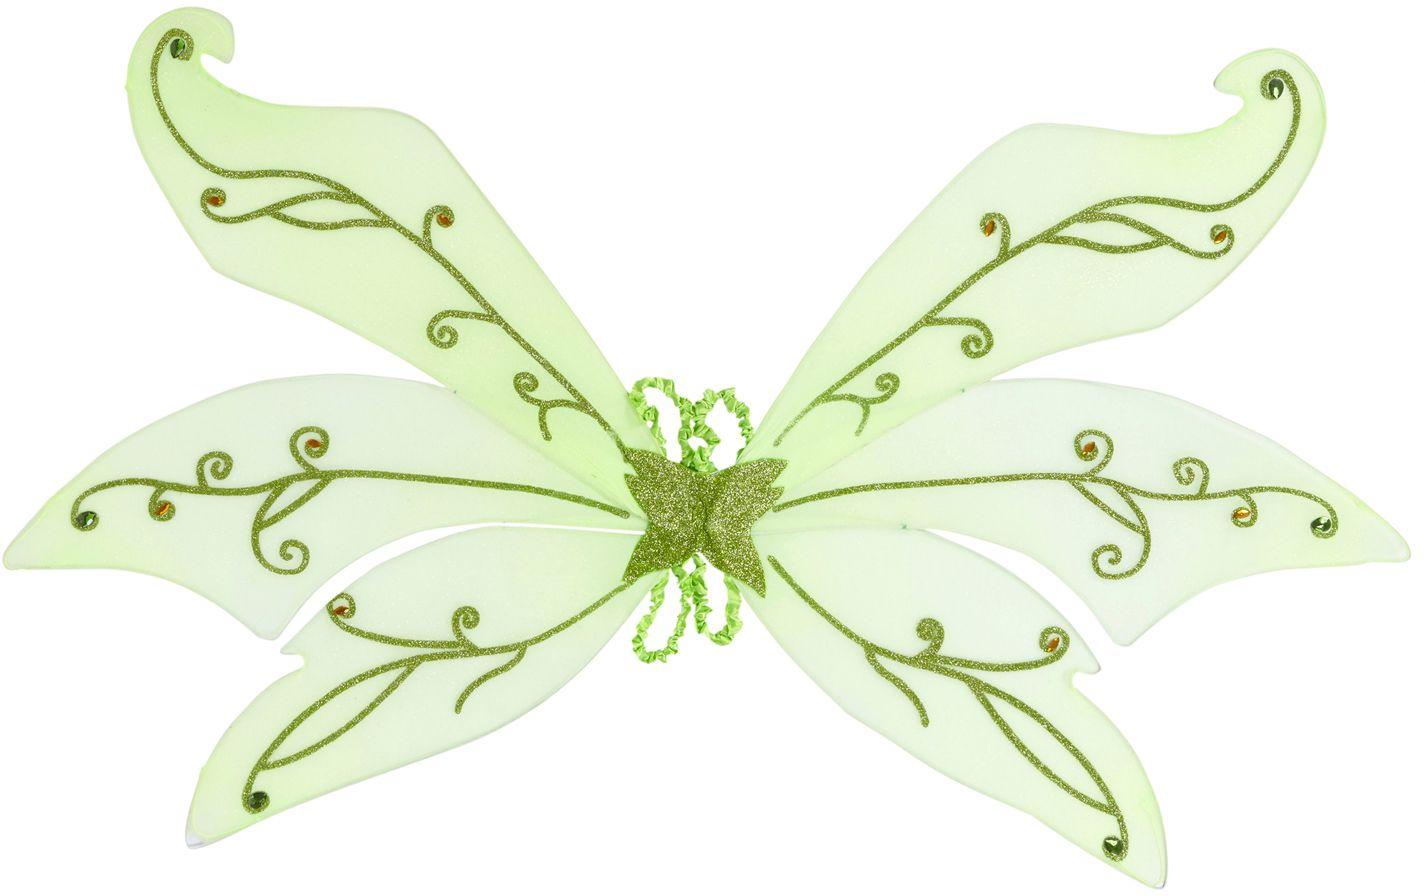 Groen feeën vleugels